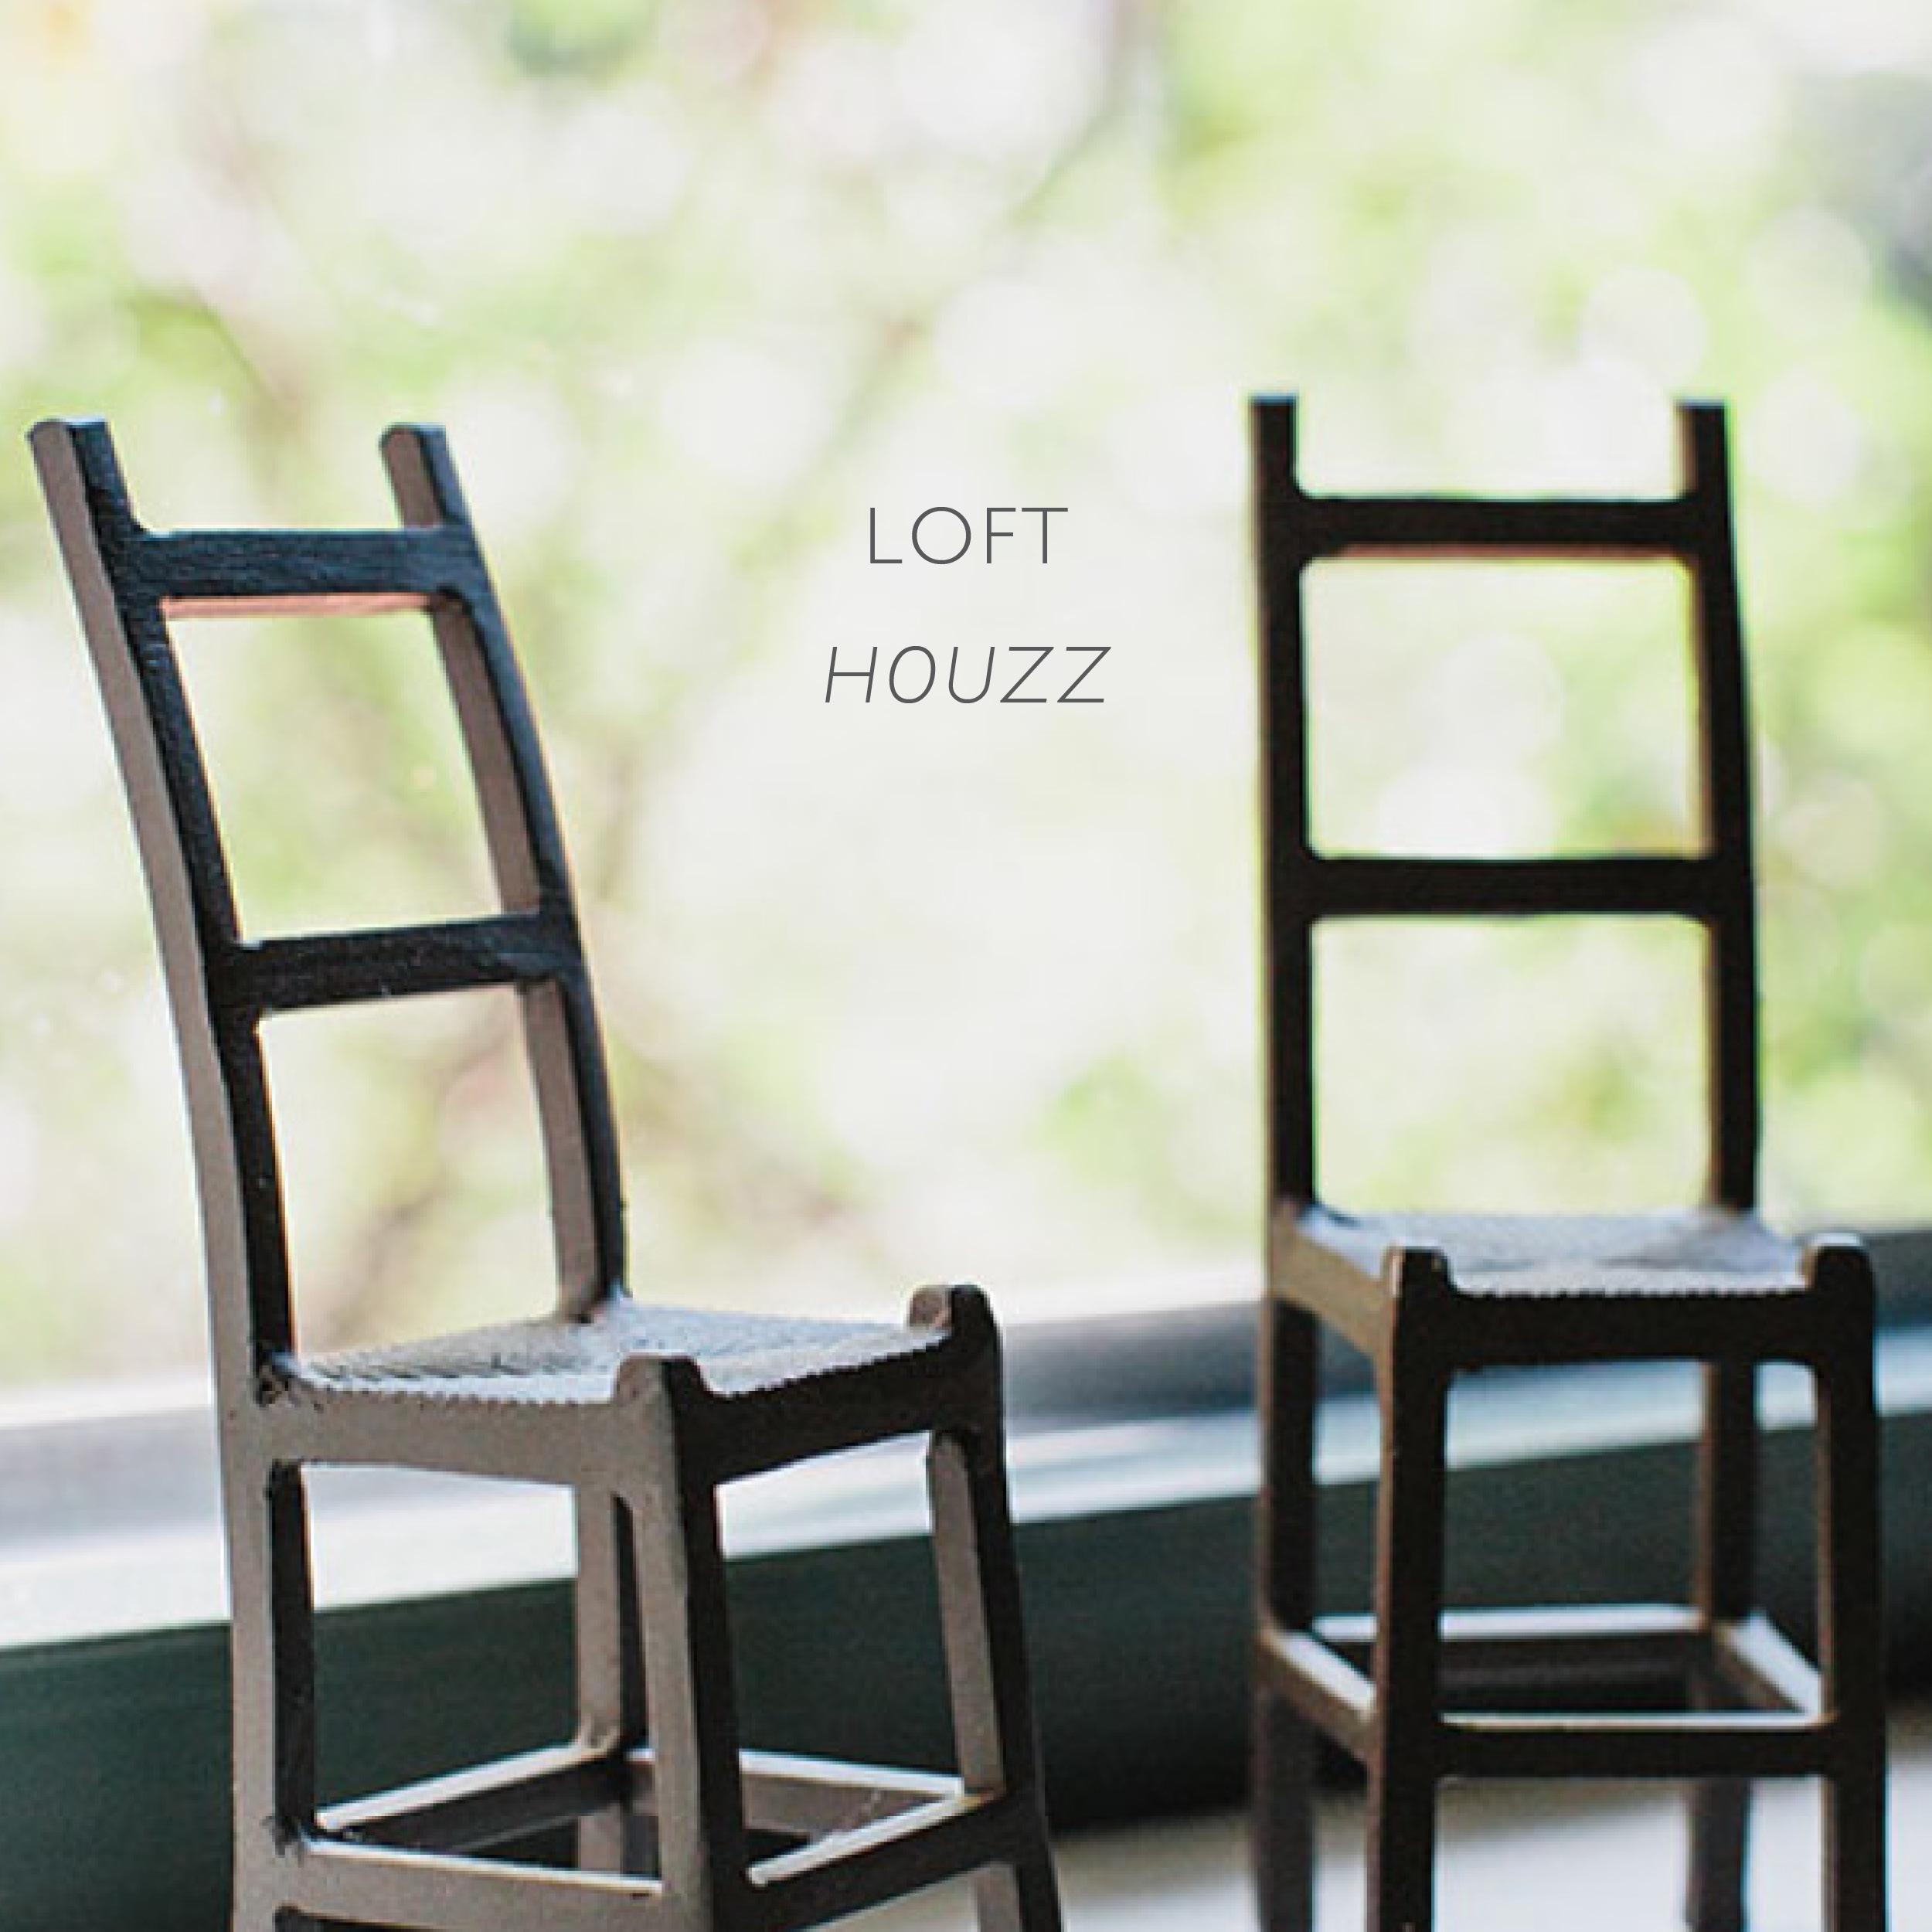 SHS Press Tile_Houzz_Loft.jpg